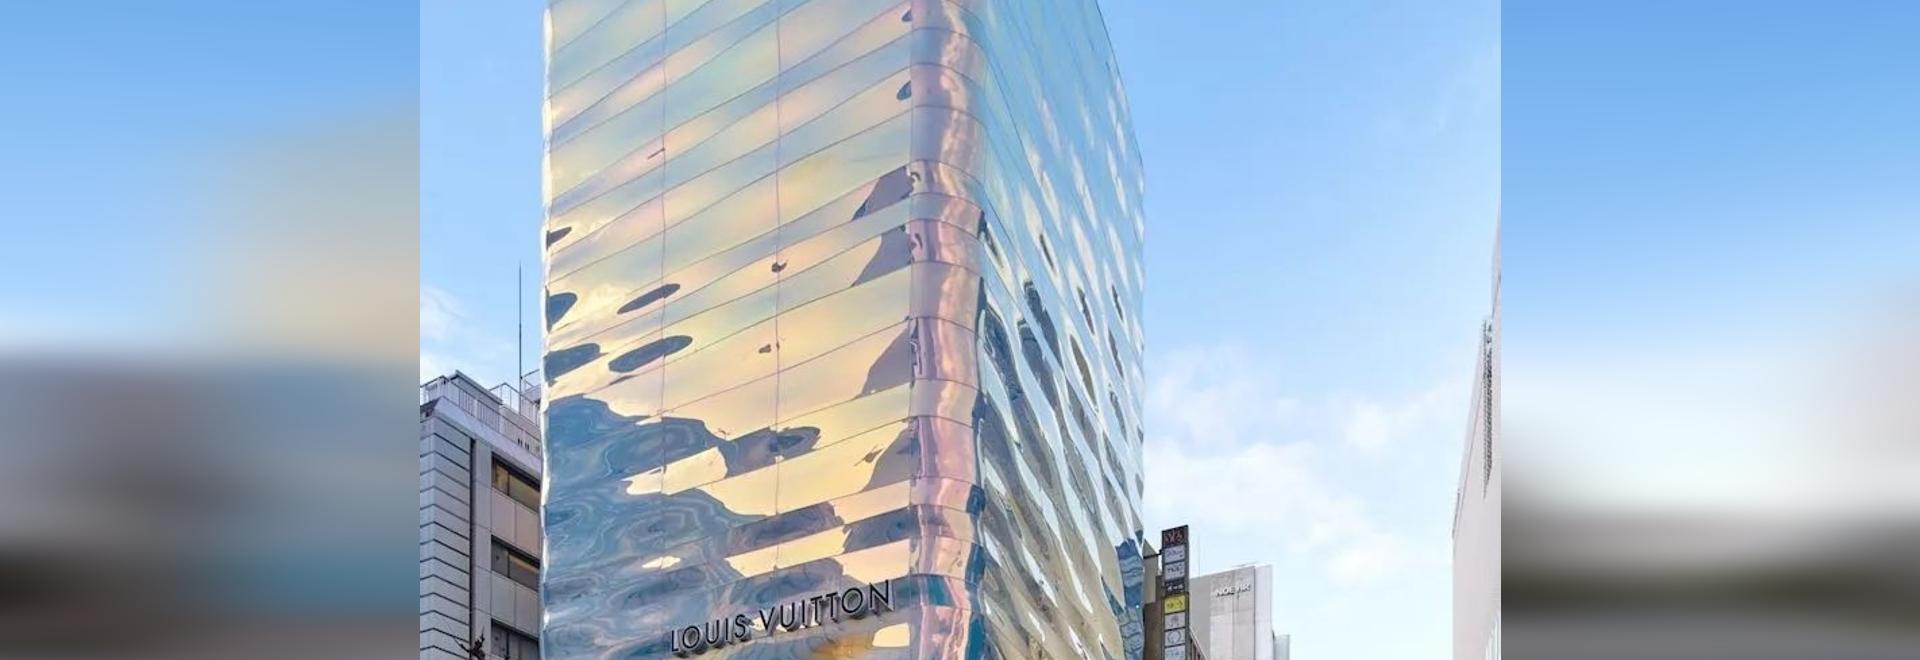 Louis Vuitton Ginza Namiki / AS Co. + Peter Marino Architetto